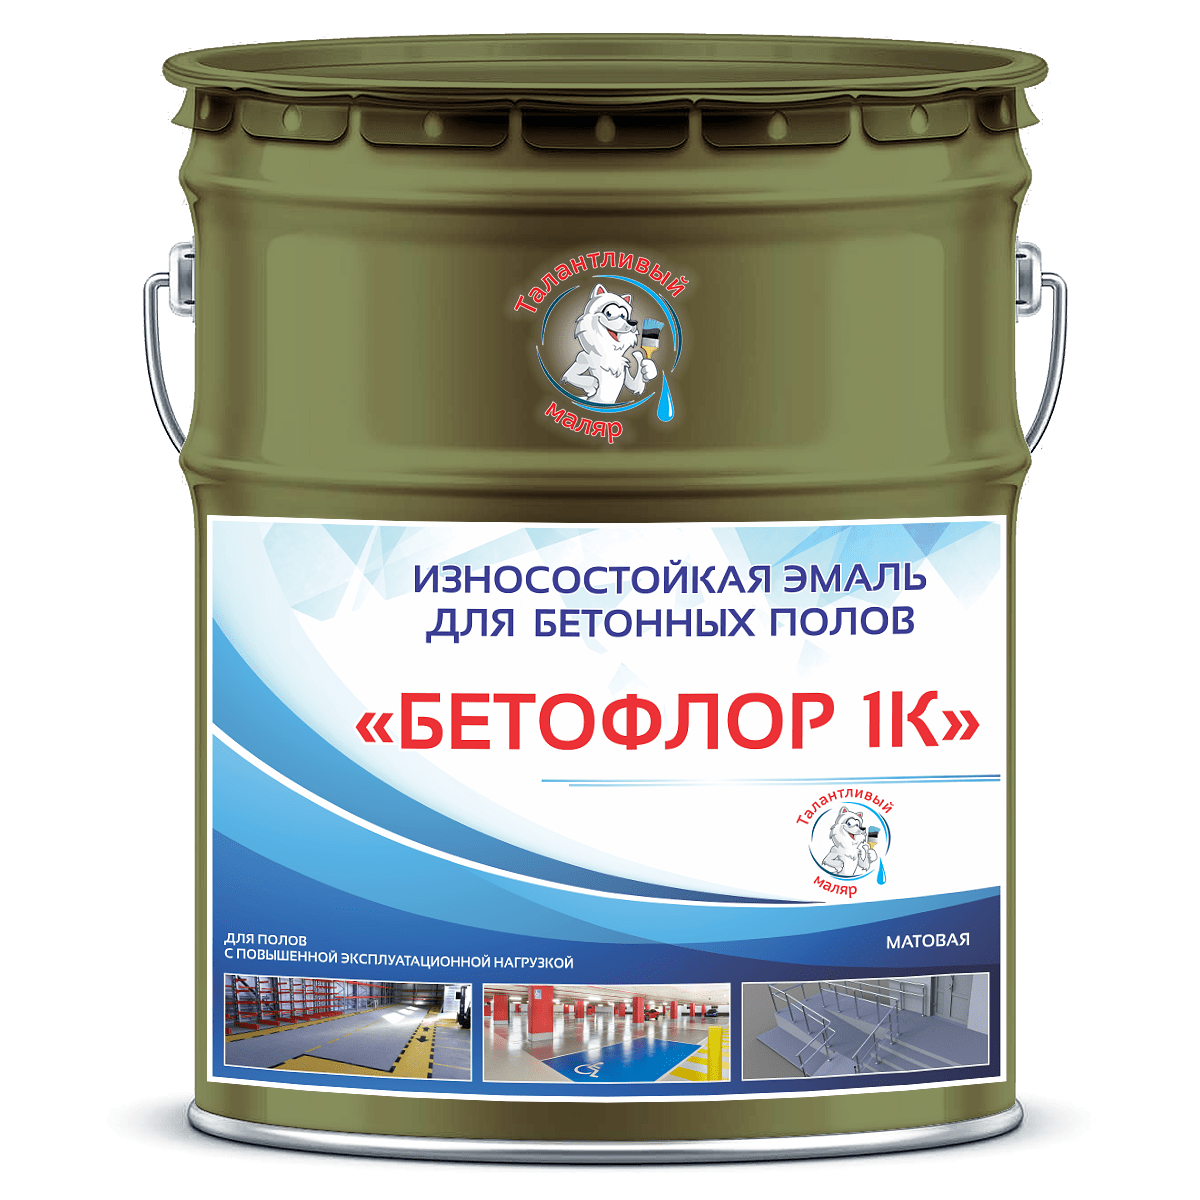 """Фото 23 - BF6022 Эмаль для бетонных полов """"Бетофлор"""" 1К цвет RAL 6022 Коричнево-оливковый, матовая износостойкая, 25 кг """"Талантливый Маляр""""."""